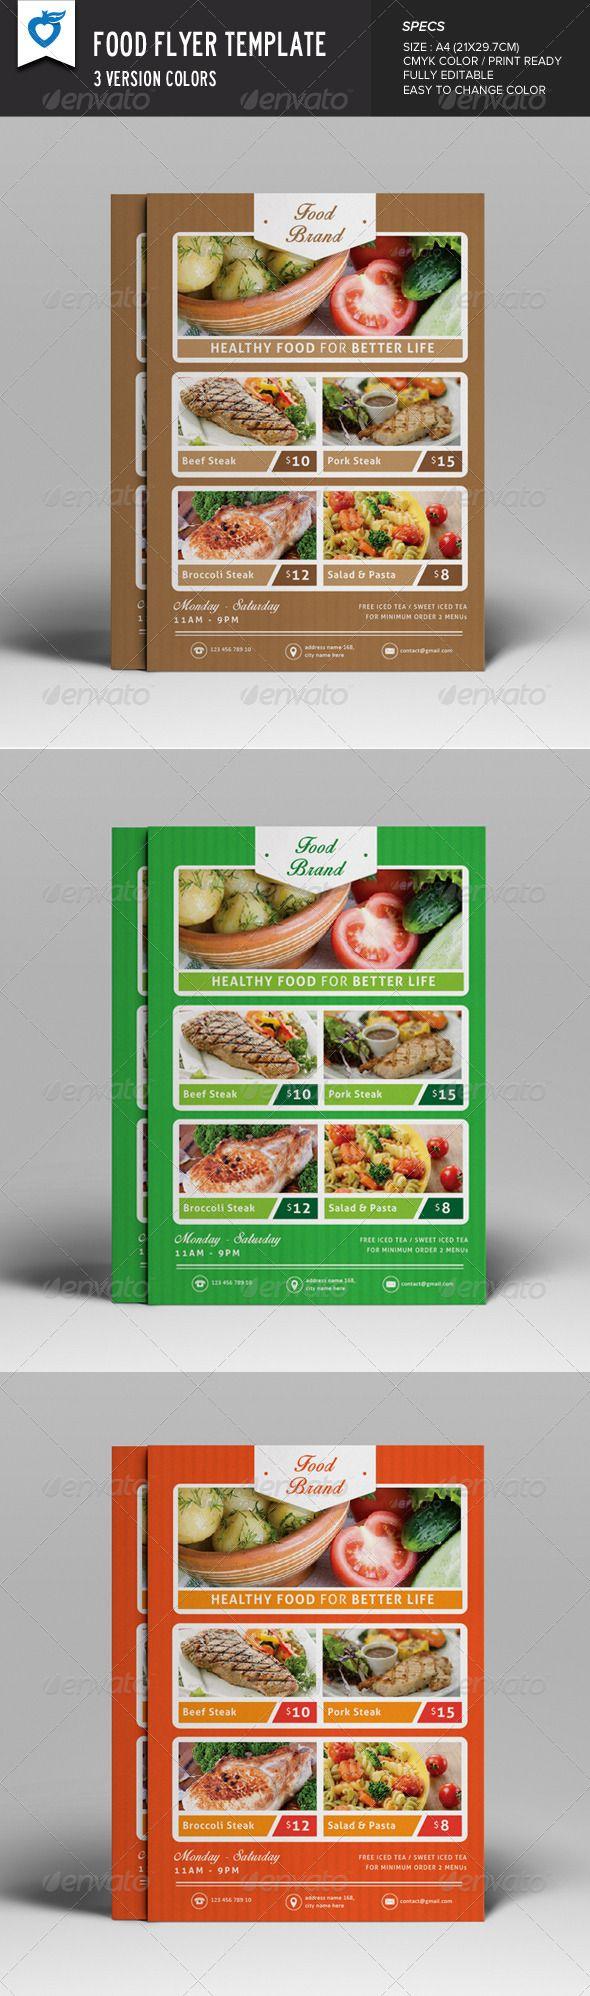 Food Flyer Template Design Download HttpGraphicriverNetItem